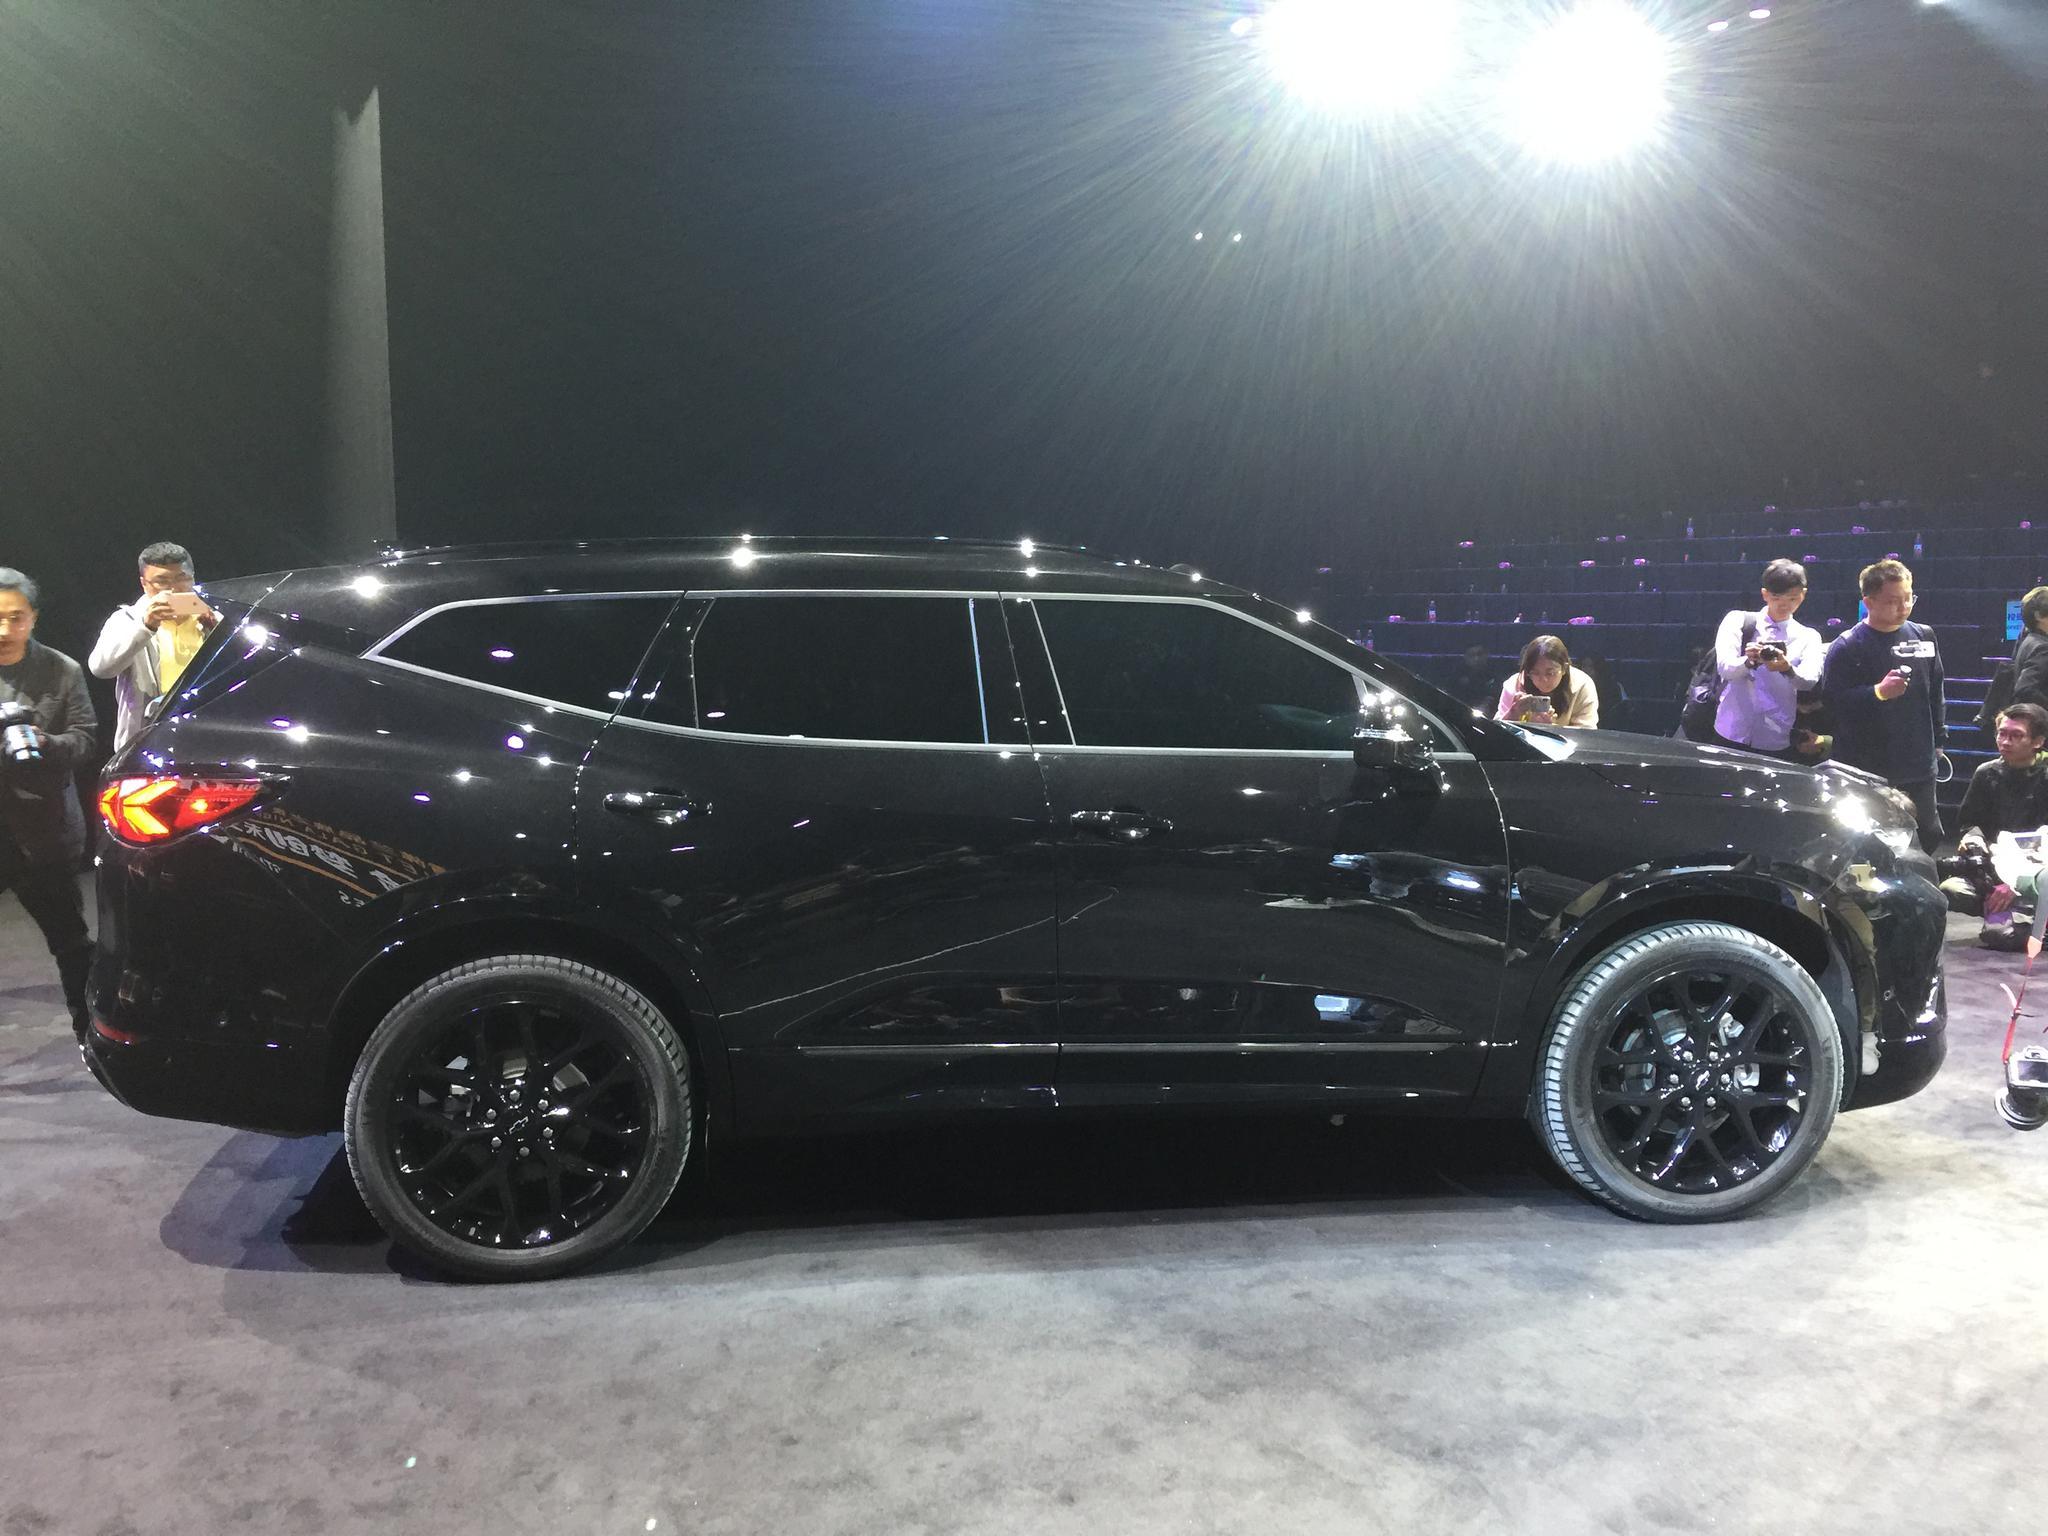 大发分分彩开户要求,雪佛兰品牌之夜 开拓者/畅巡两款新车首发